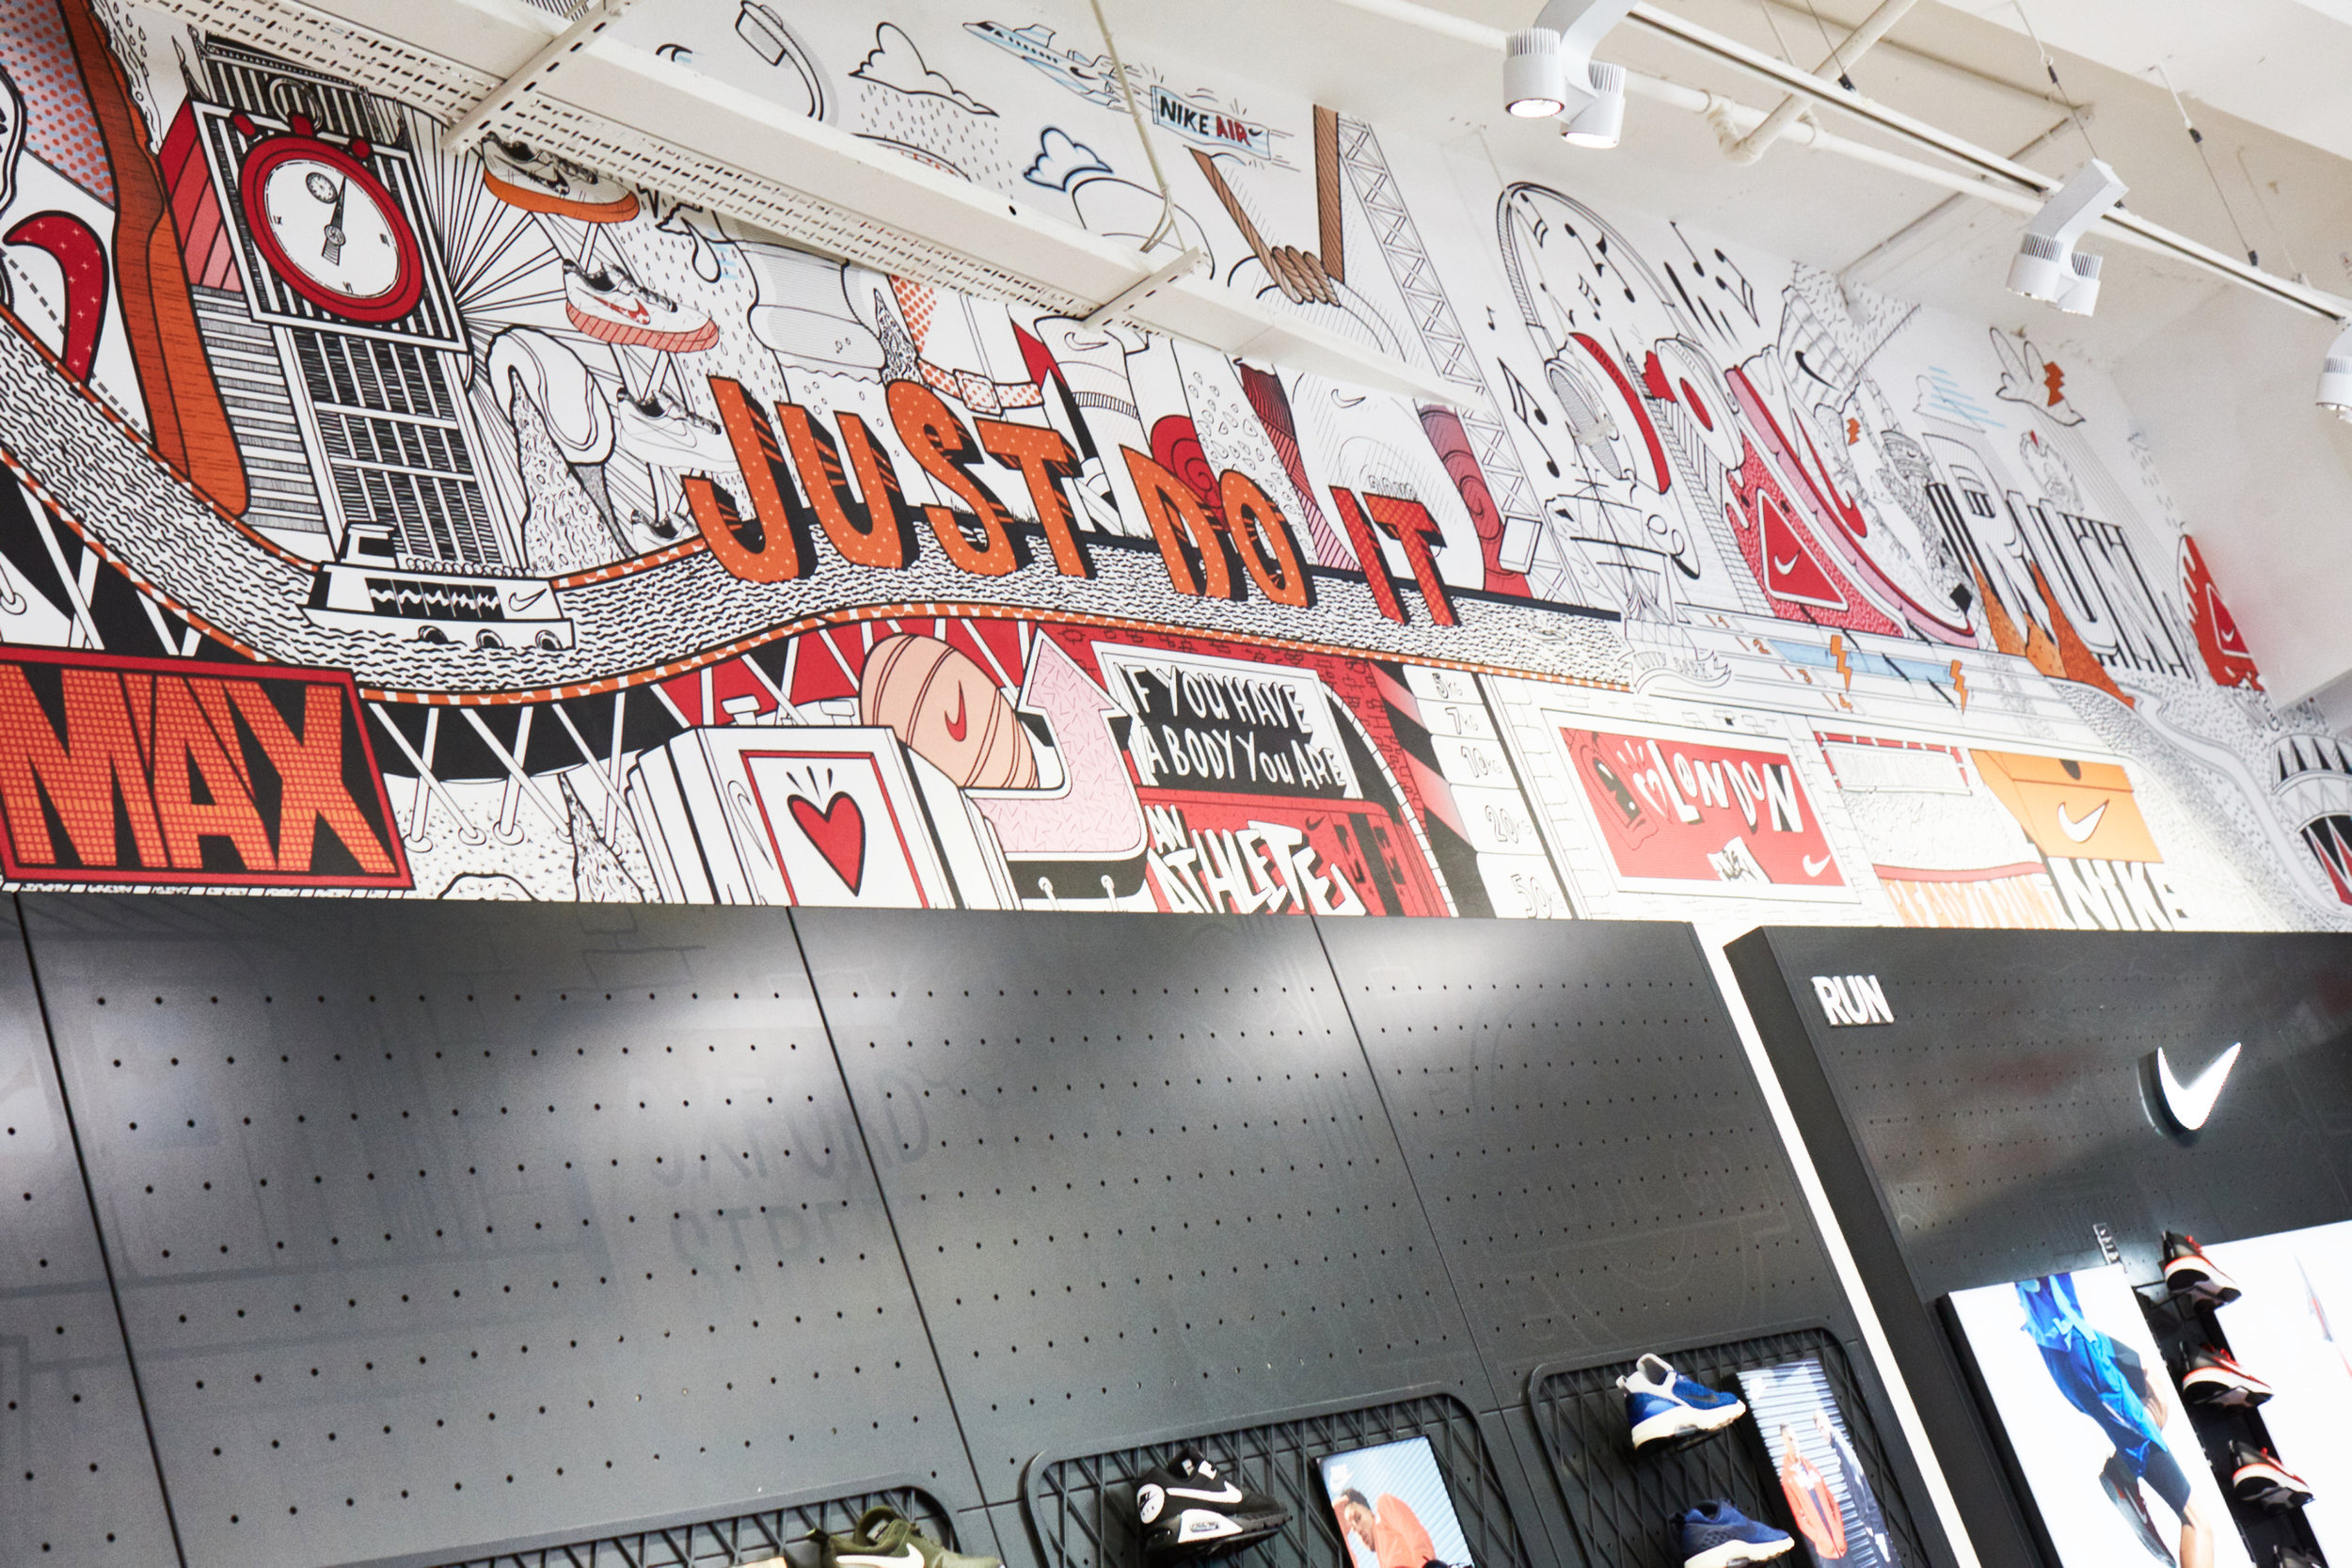 NikeXLukeembden9.jpg